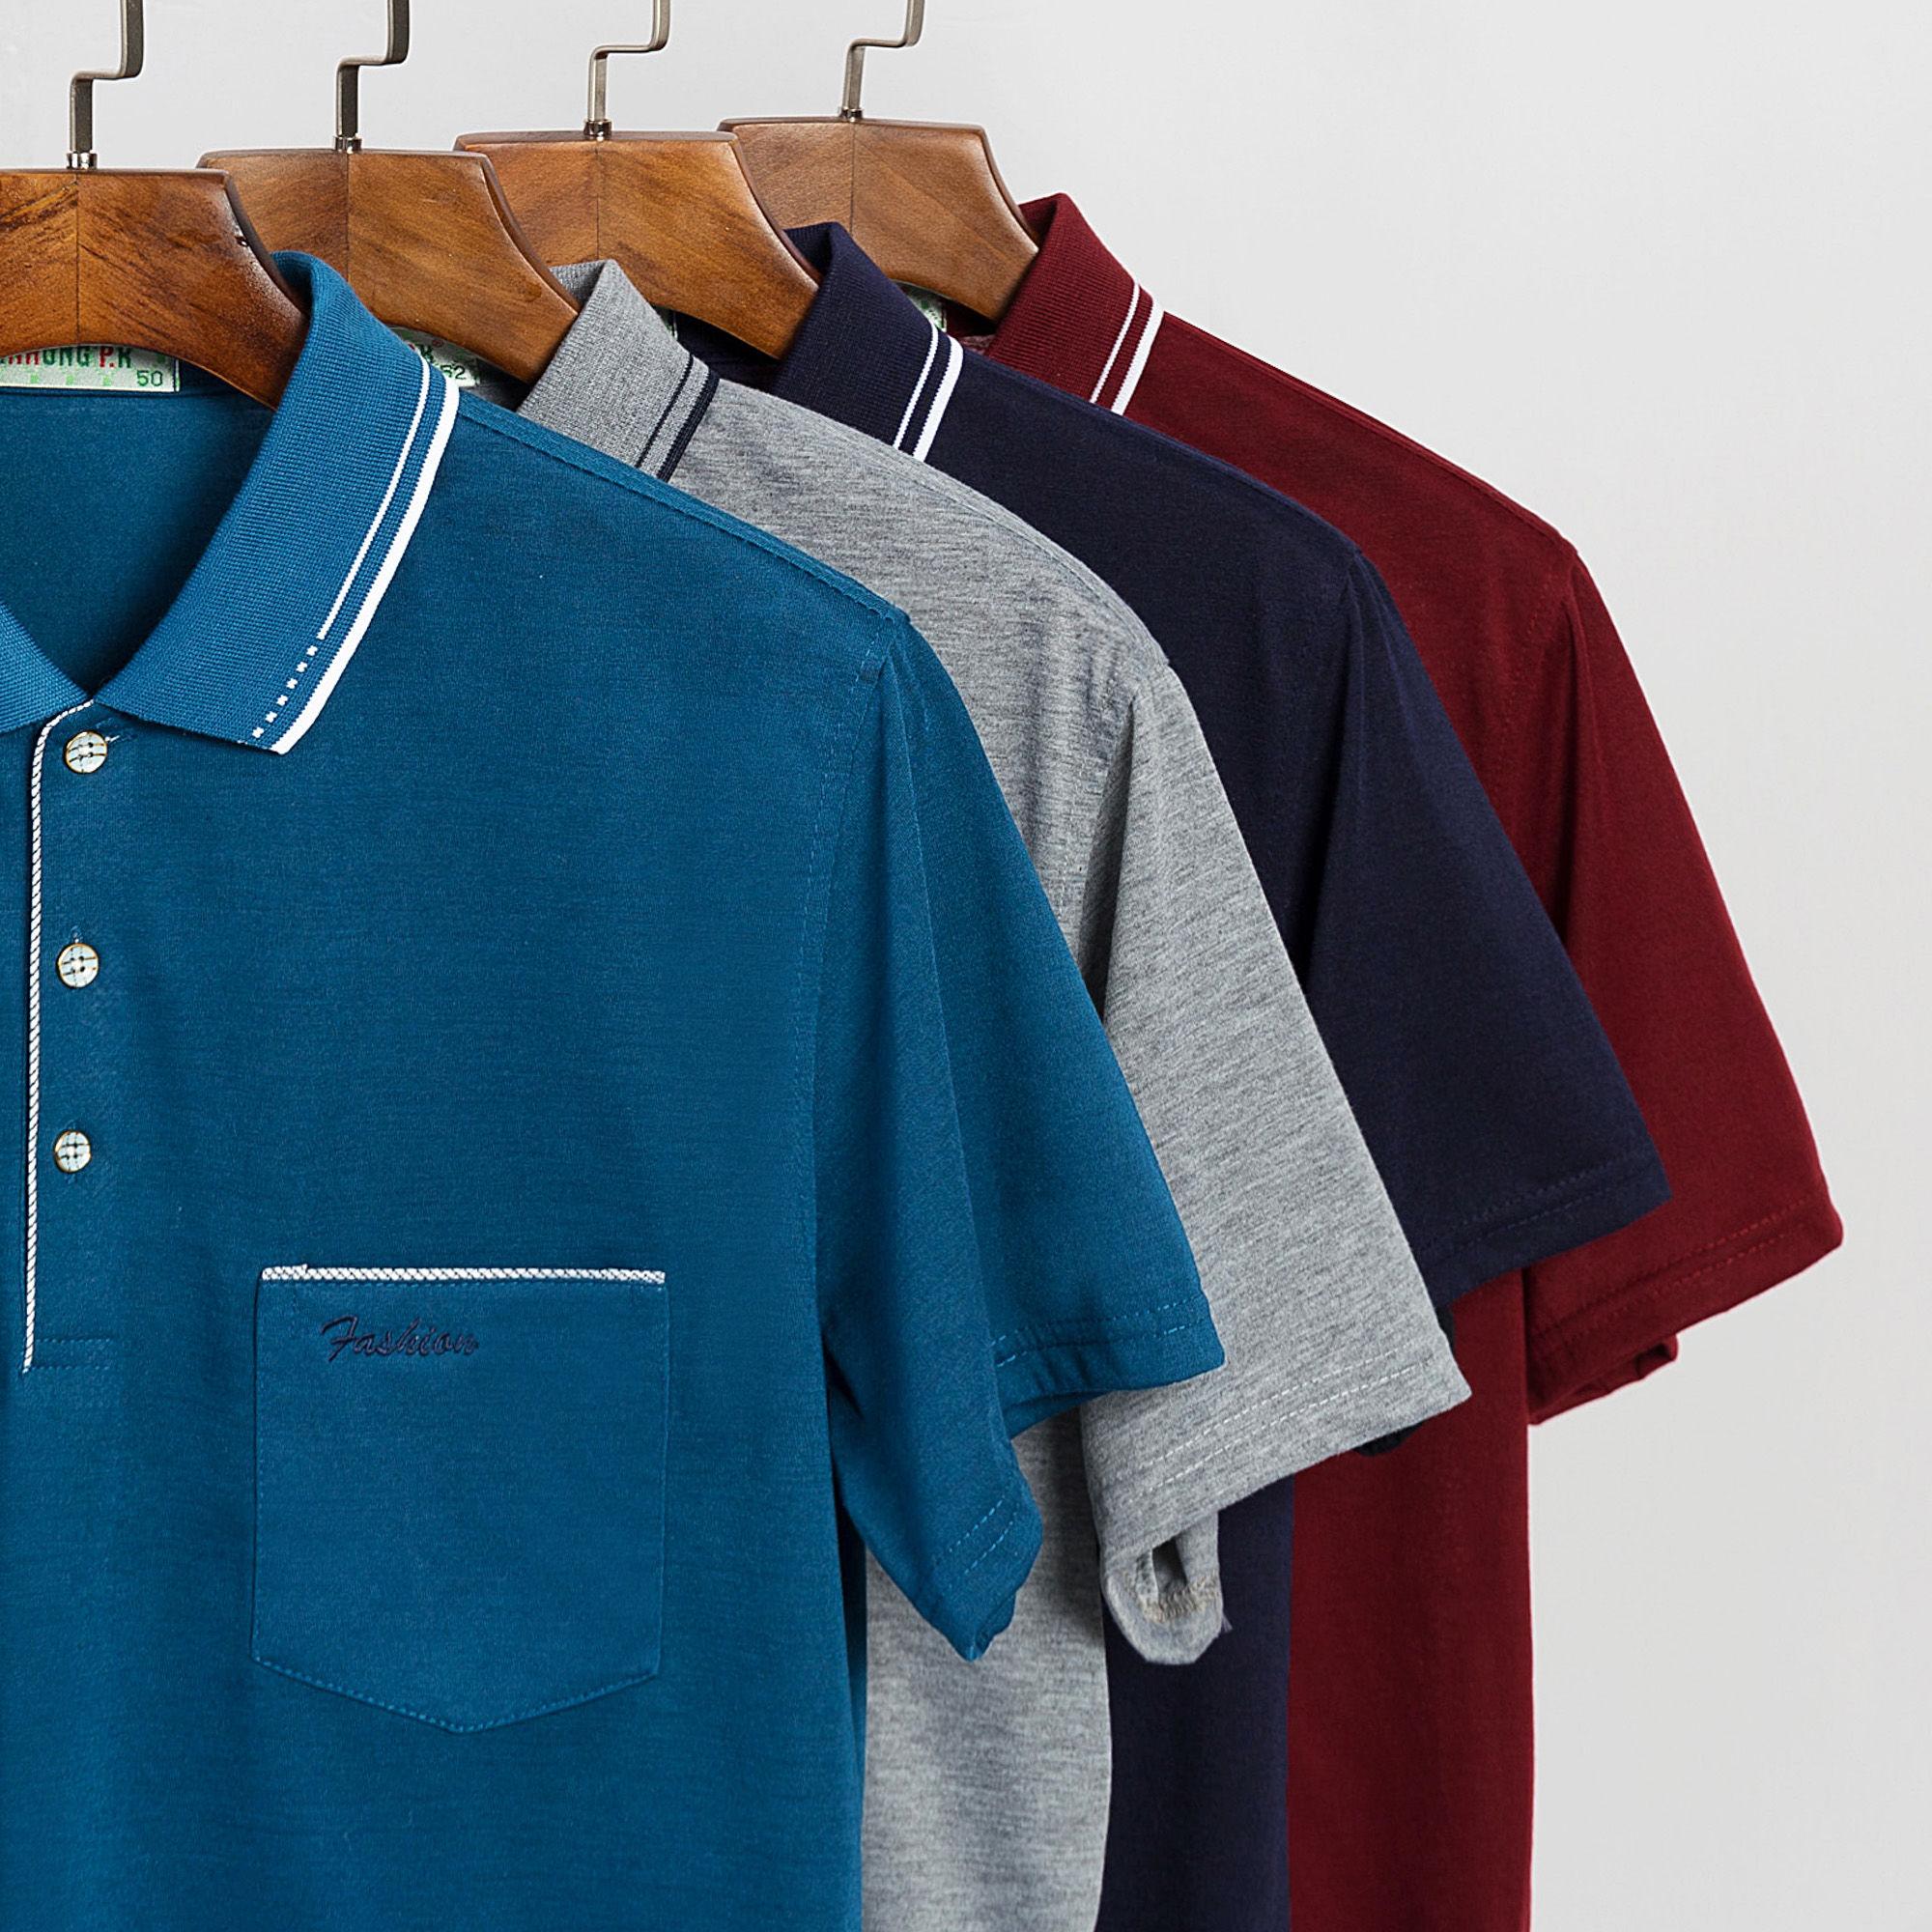 夏季爸爸装新款T恤短袖中年男士休闲冰丝薄款商务大码翻领POLO衫